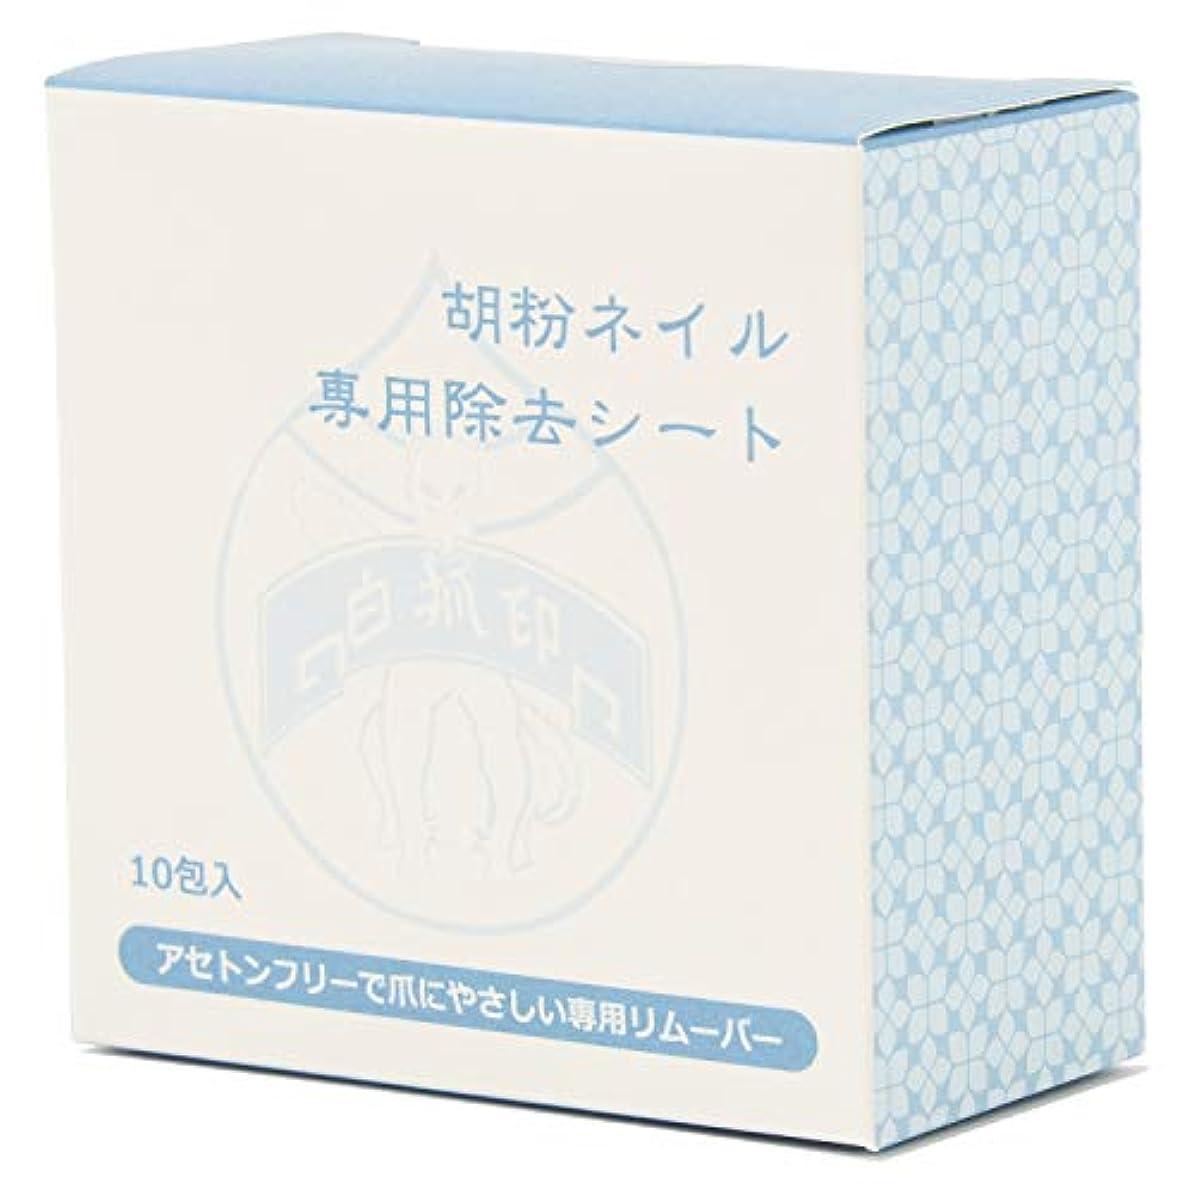 アジア推測するラインナップ胡粉ネイル専用除去シート